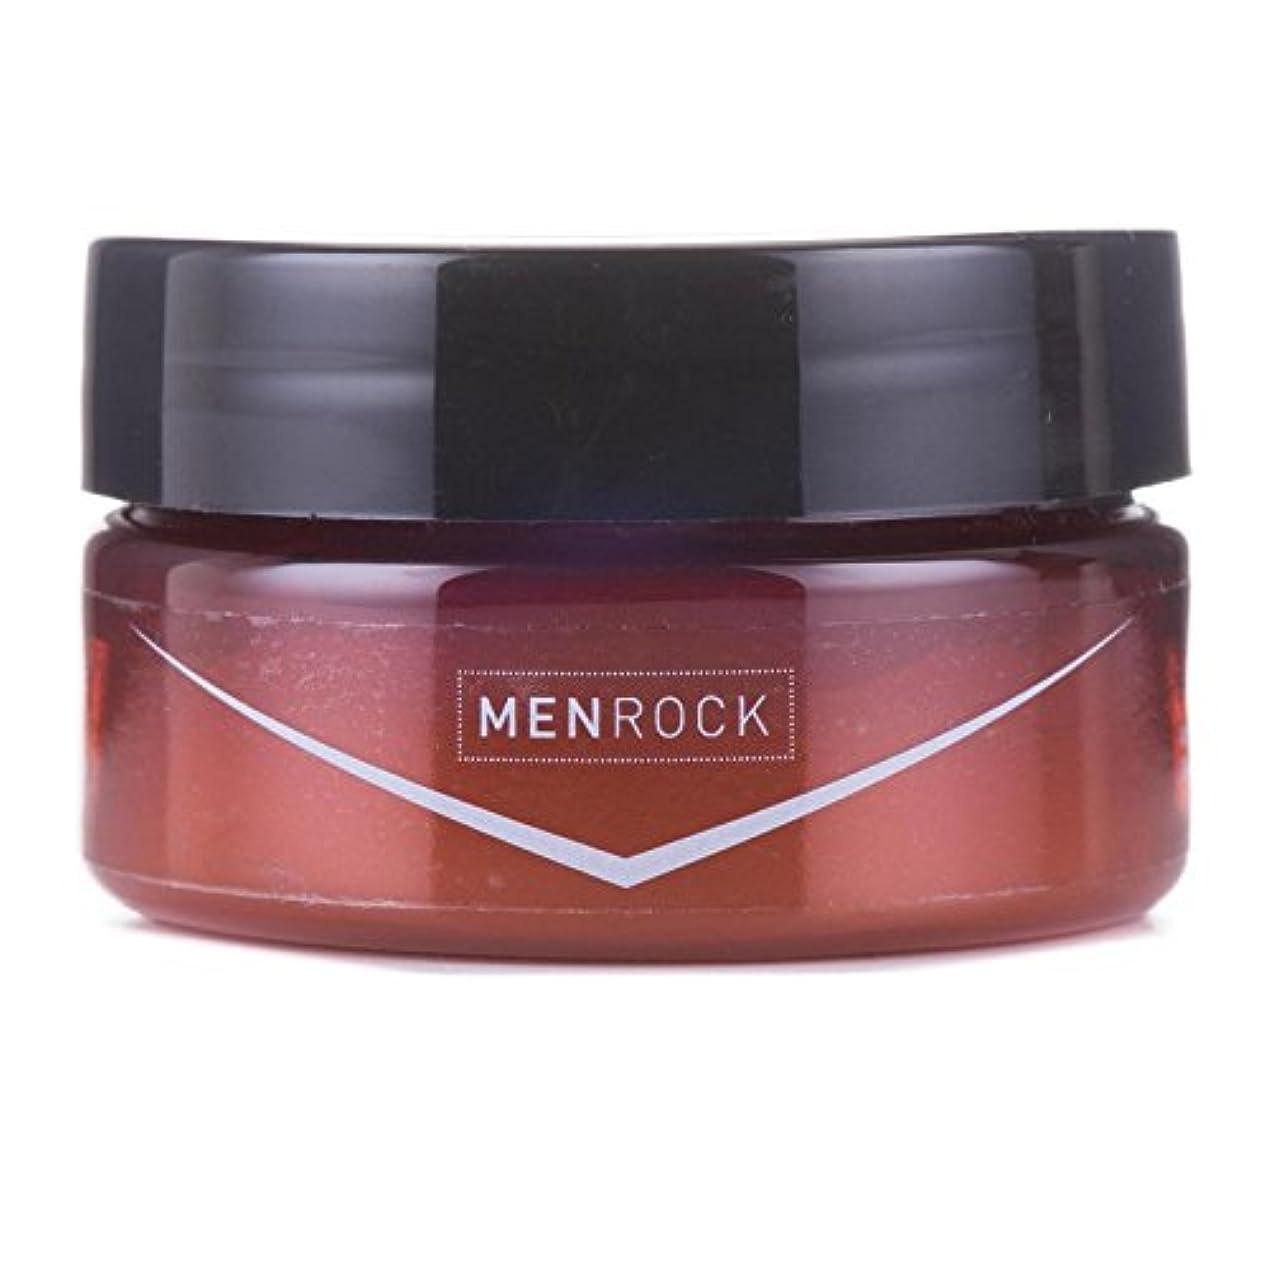 歪めるアナリスト闇男性の岩白檀口ひげワックス x4 - Men Rock Sandalwood Moustache Wax (Pack of 4) [並行輸入品]